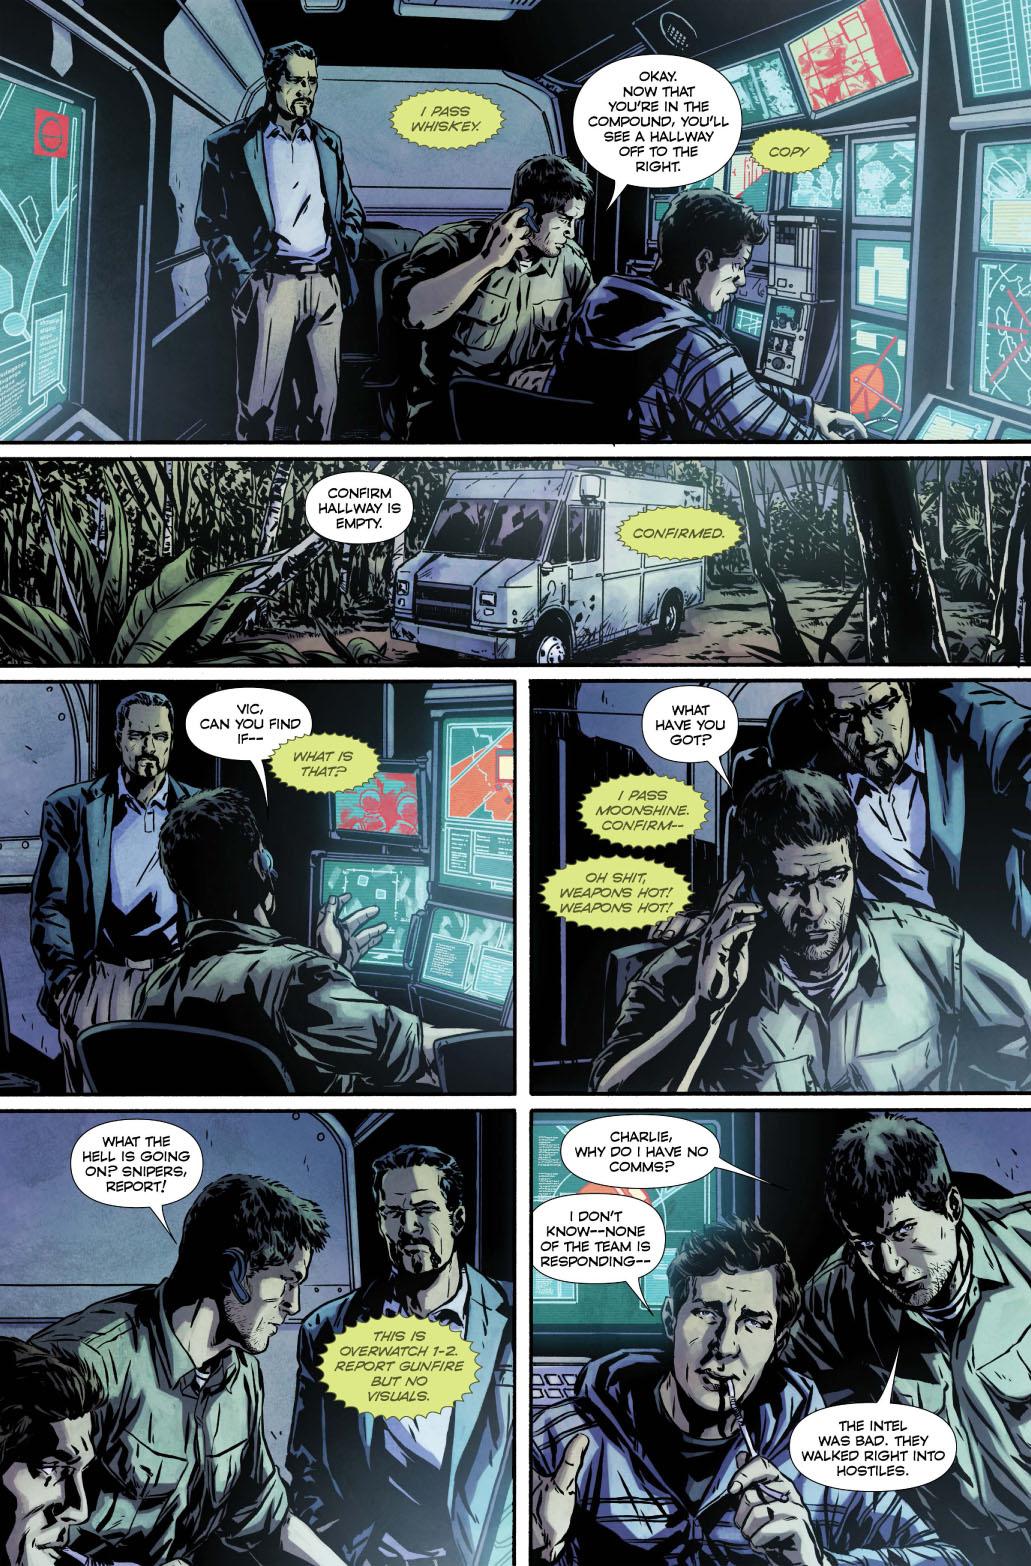 SplinterCell-Conviction PC Div 006